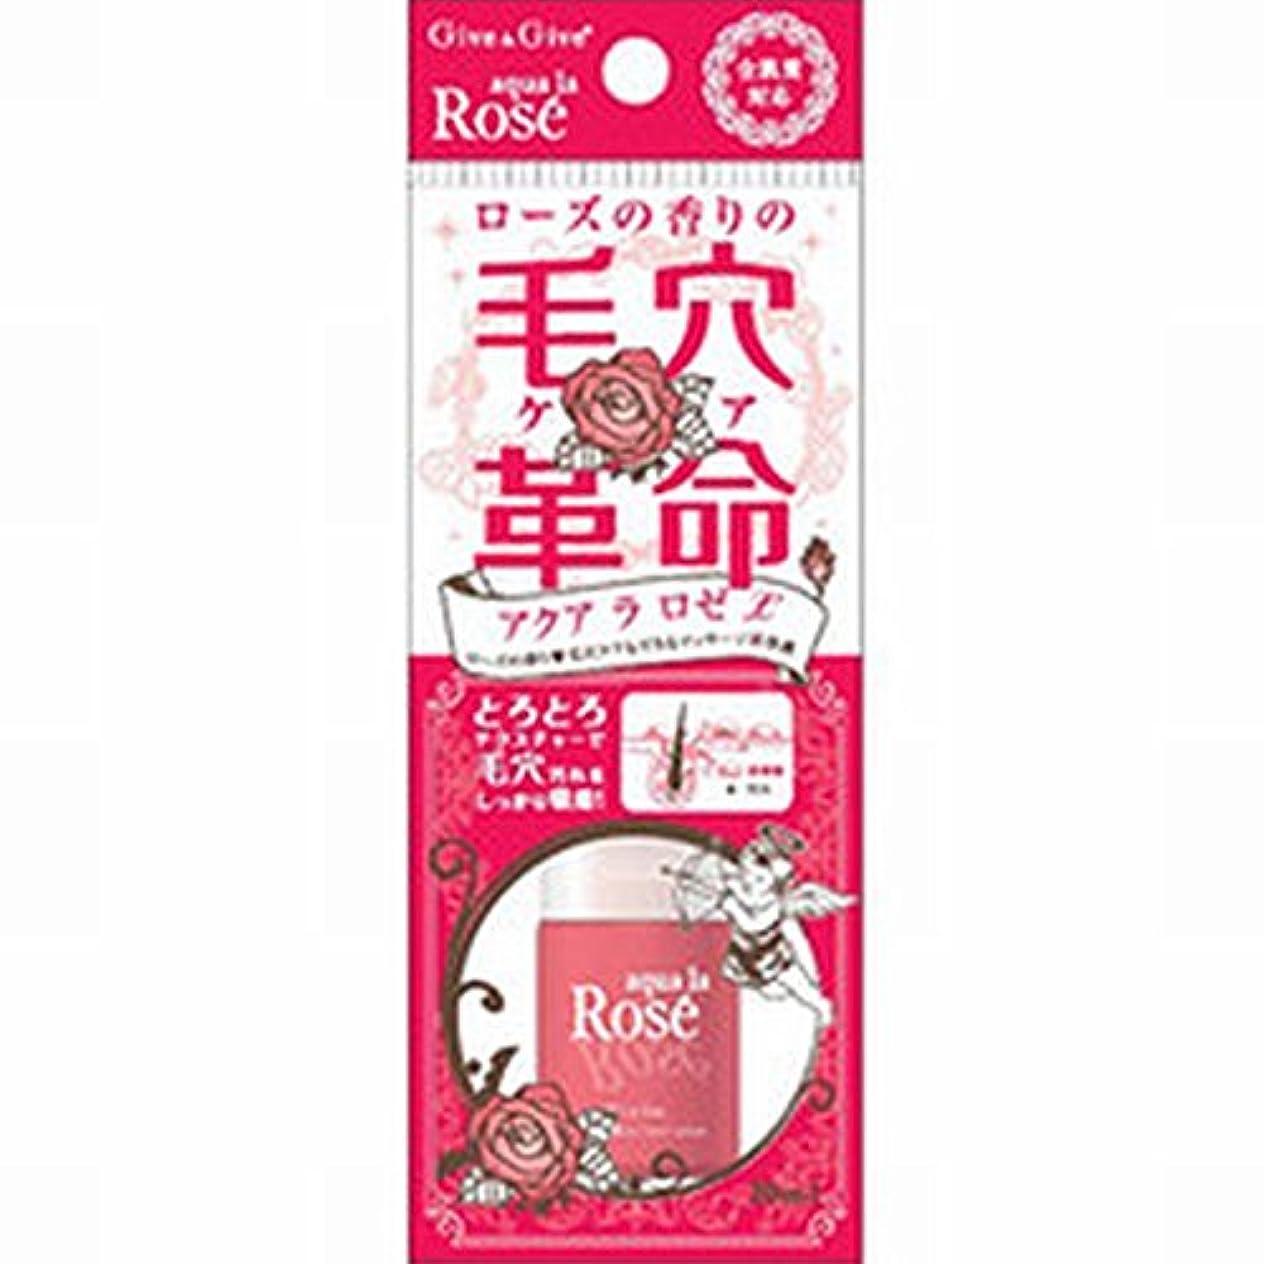 毛穴革命 アクア ラ ロゼ L (お試しサイズ) ローズの香り 10ml